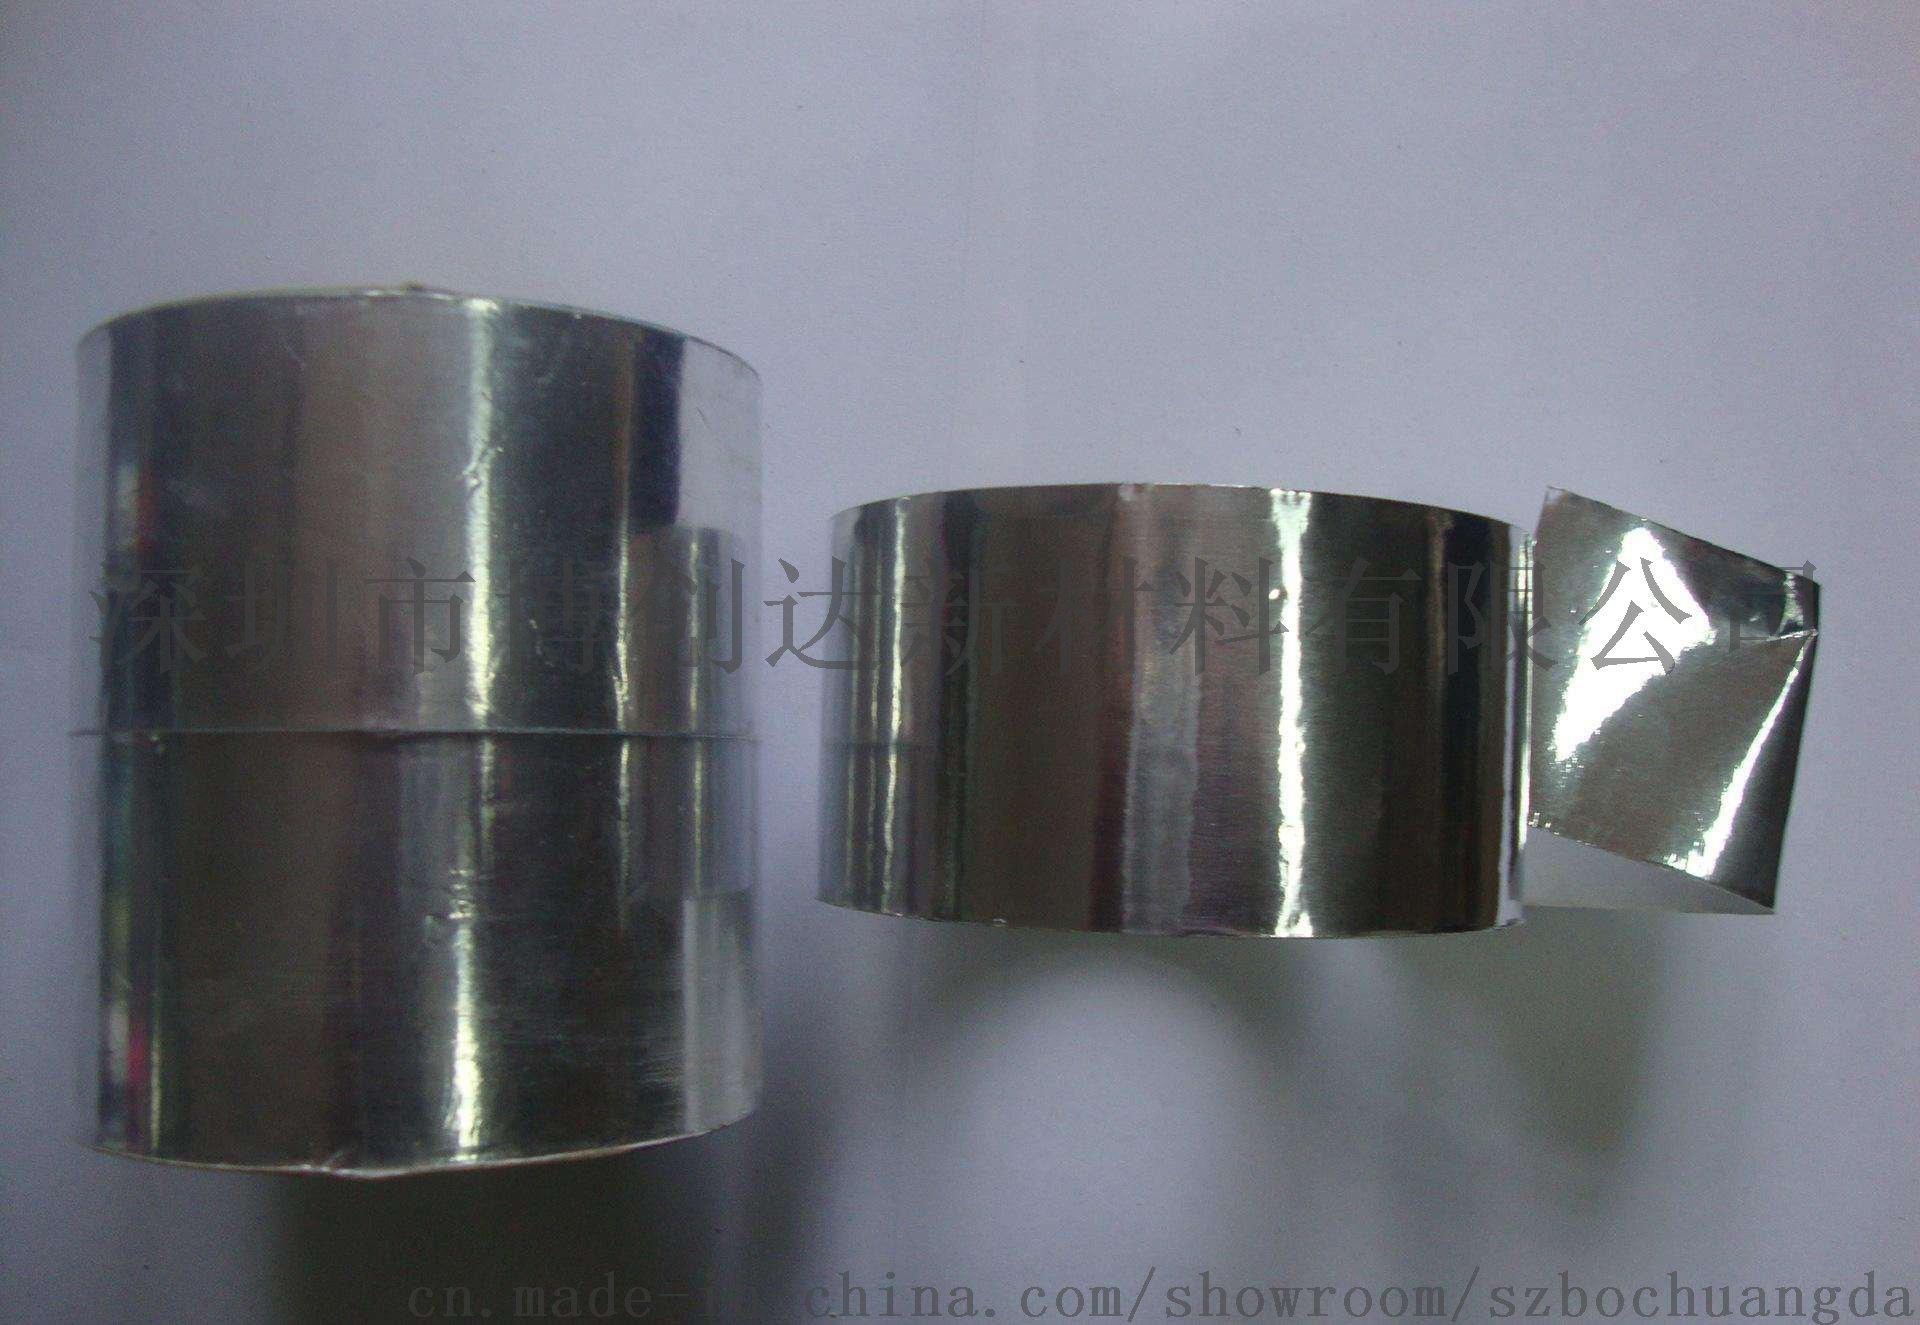 鋁箔膠粘帶 鋁箔麥拉膠帶 單導鋁箔膠帶740231192